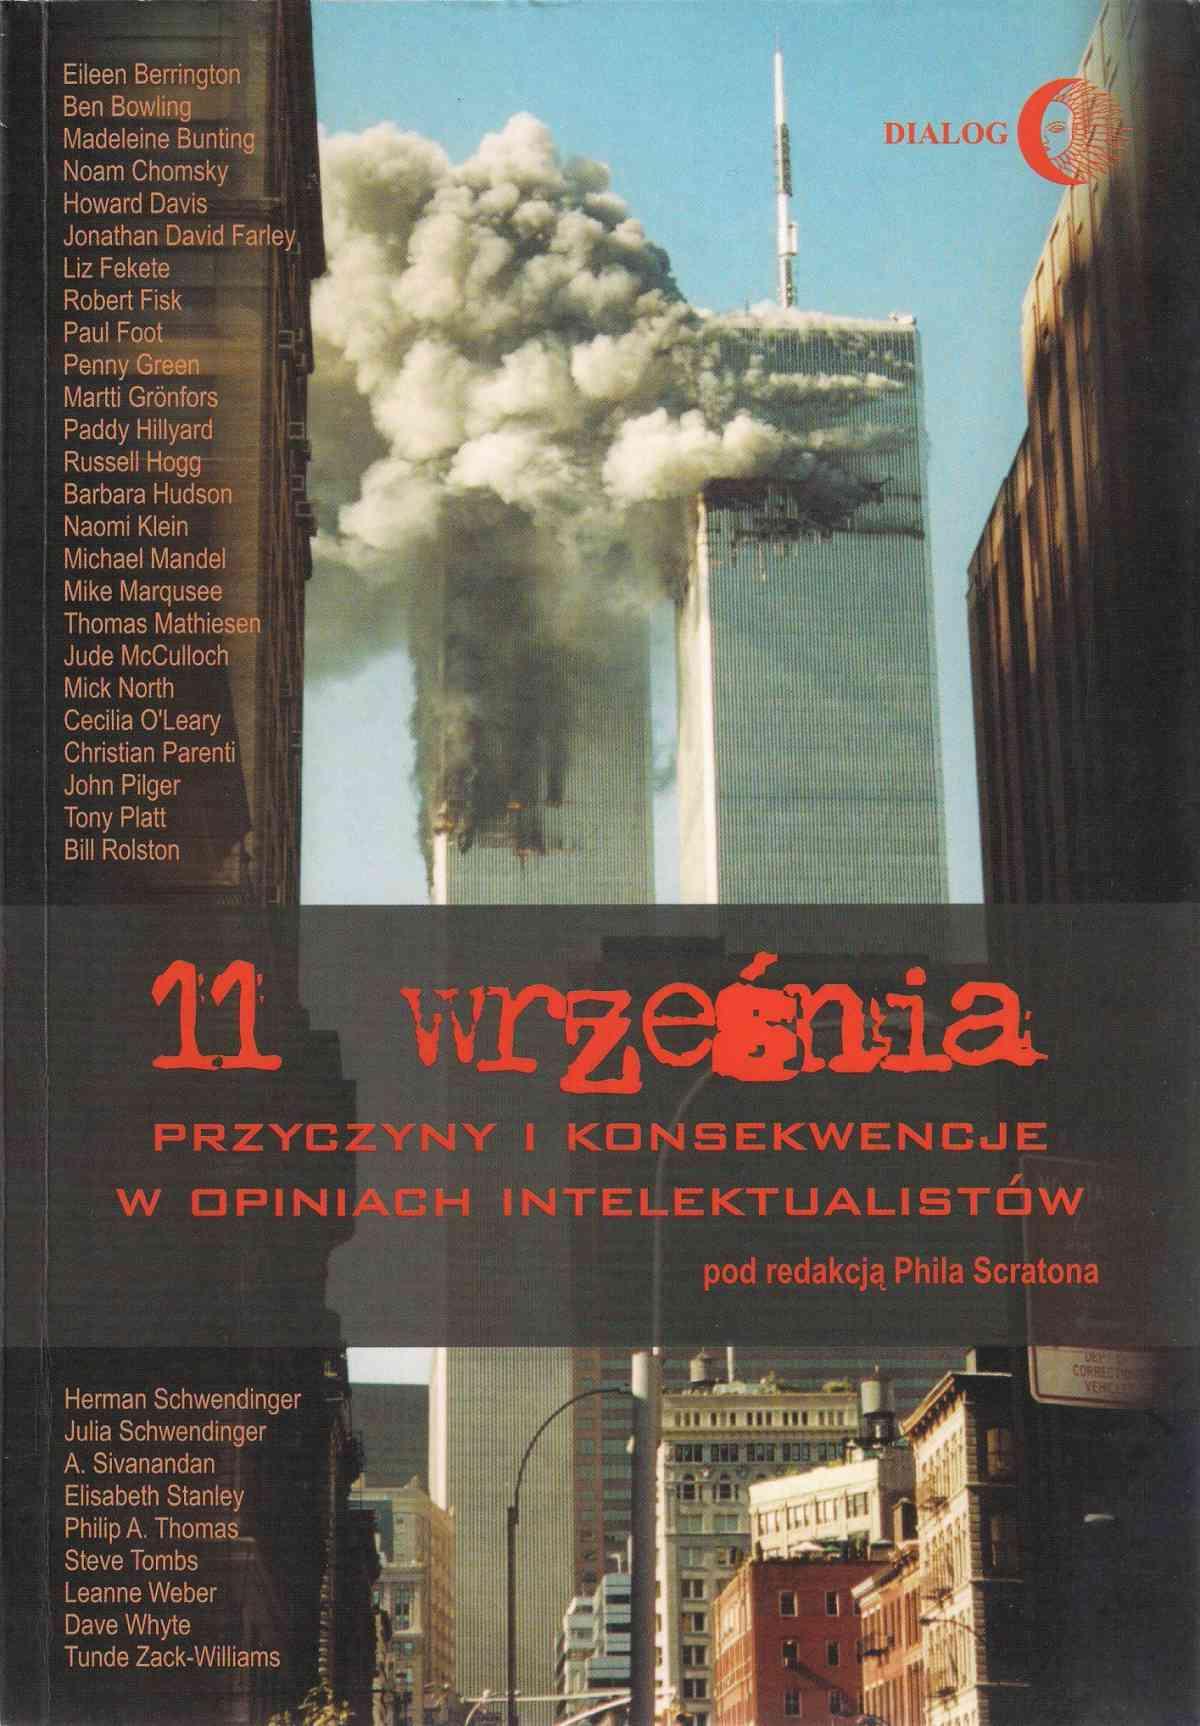 11 września. Przyczyny i konsekwencje w opiniach intelektualistów - Ebook (Książka EPUB) do pobrania w formacie EPUB